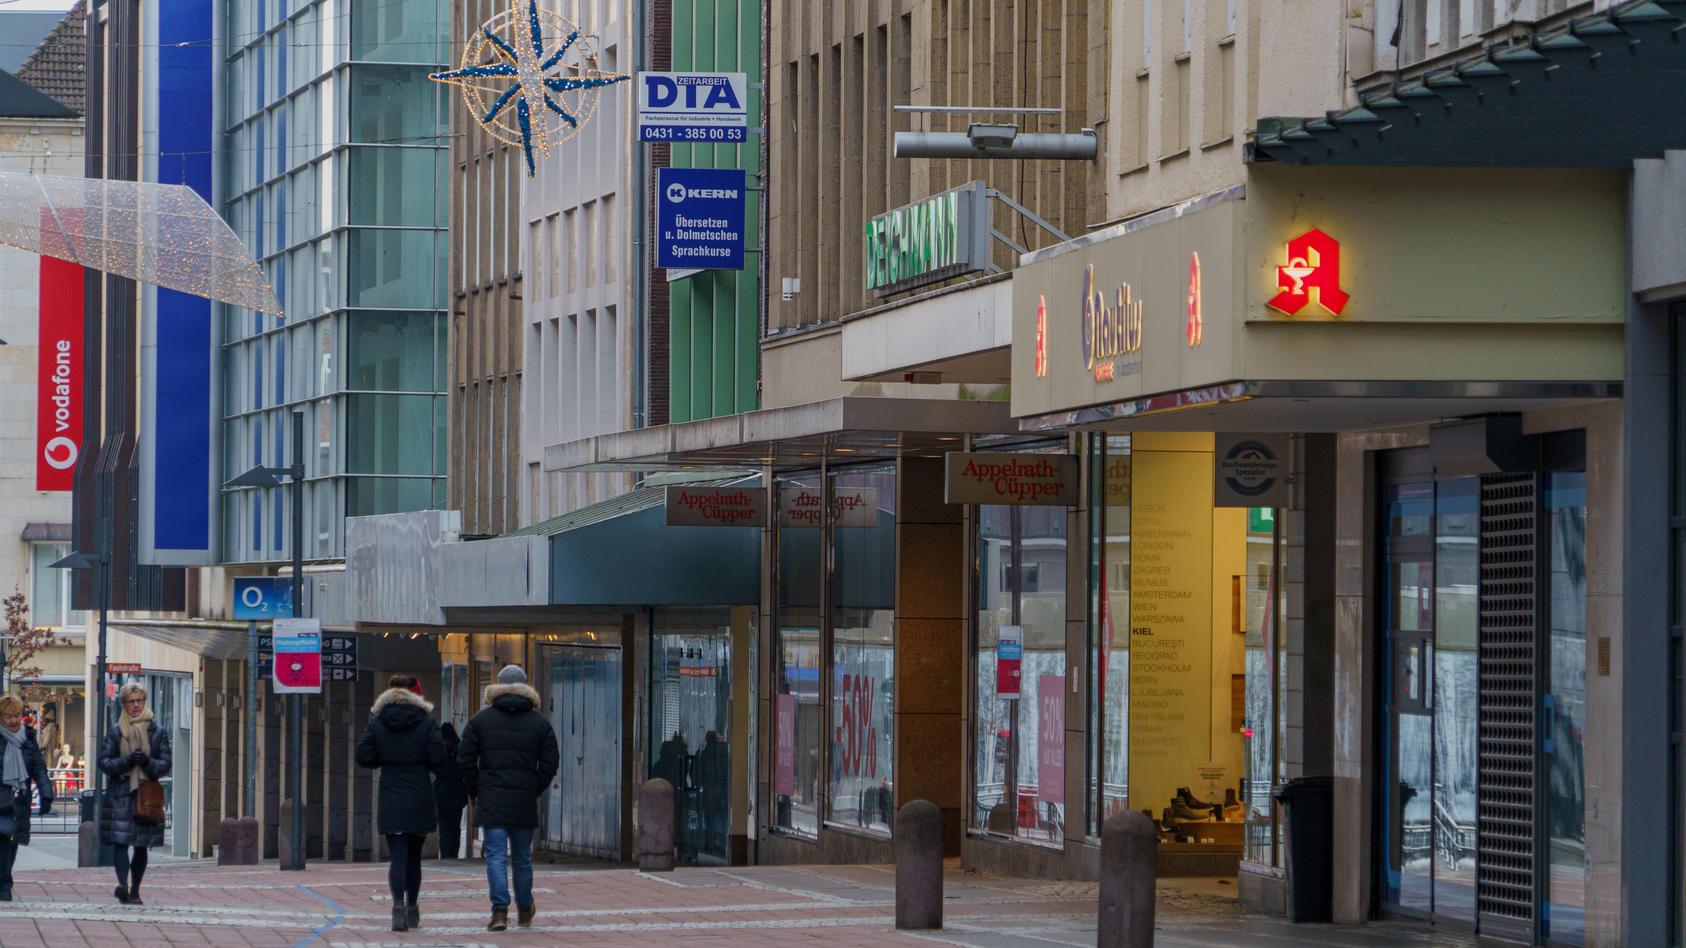 Drohen auch nach Corona weiter leere Innenstädte? Neben den kleinen Einzelhändlern stehen auch viele große Ketten vor dem Aus.